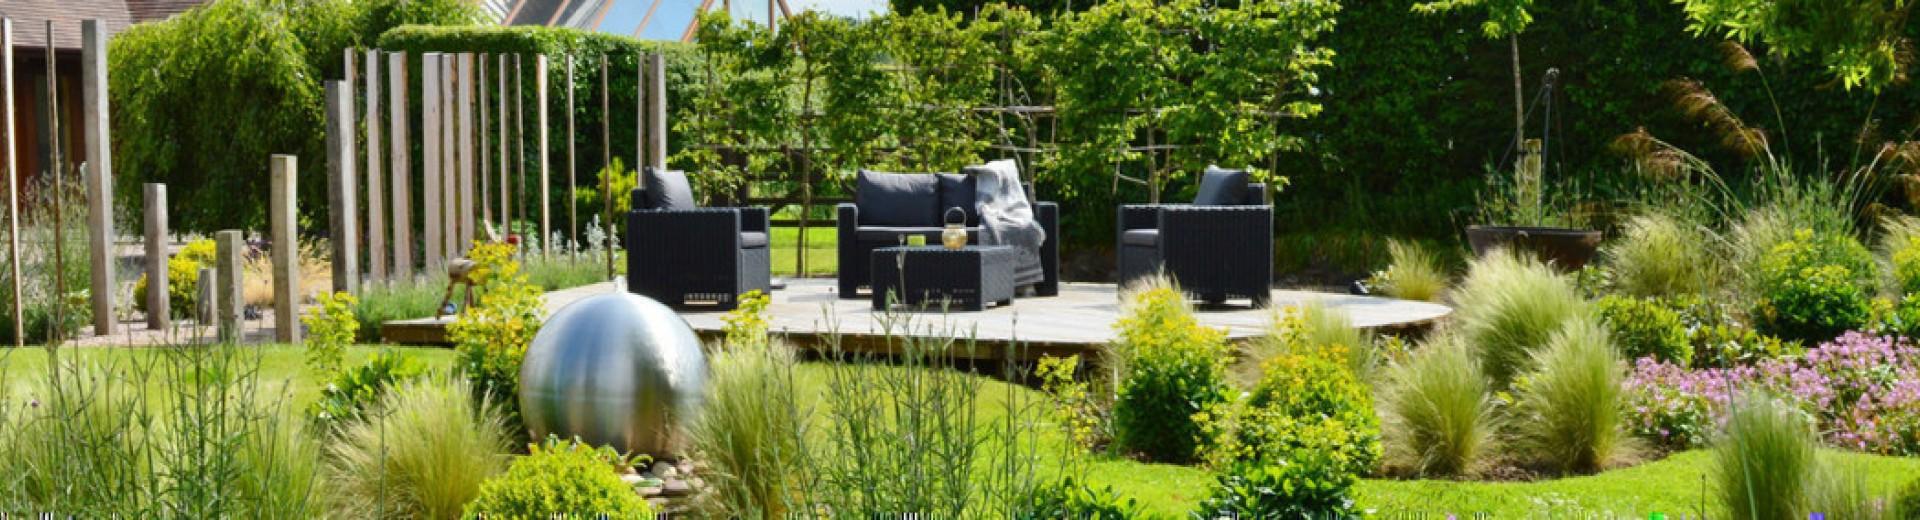 Garden Design Landscape Gardeners Shropshire Unique Landscapes